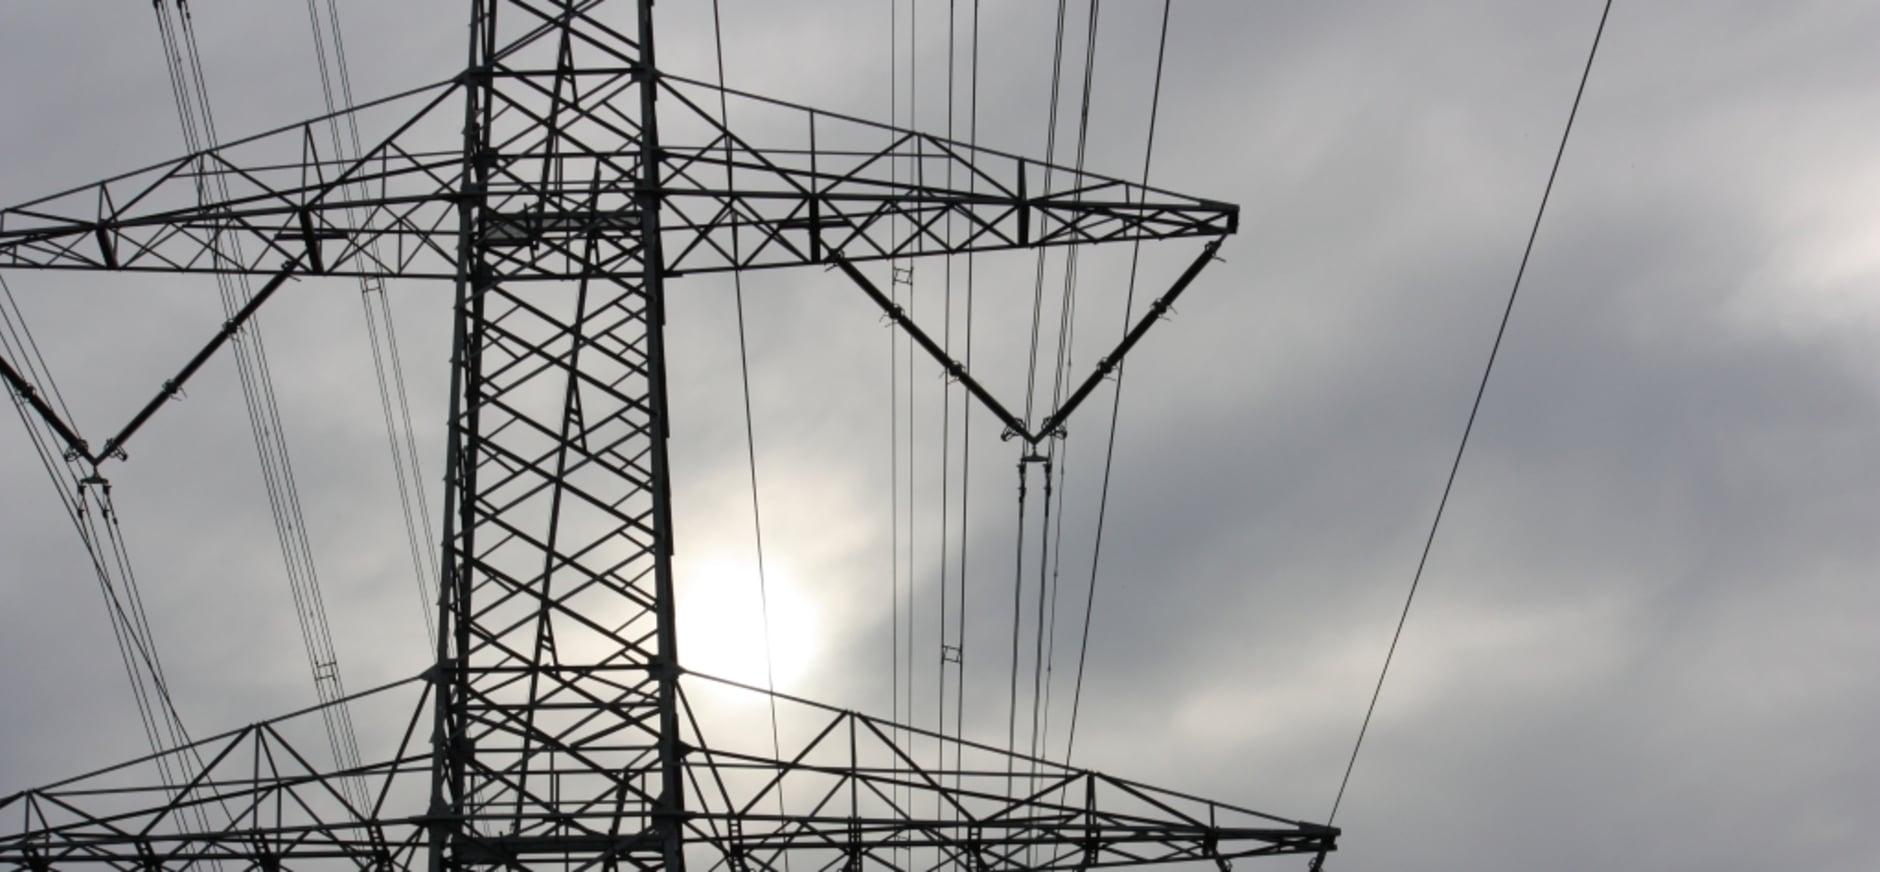 Natuurorganisaties eisen meer zorgvuldigheid bij planontwikkeling 380 kV-hoogspanningsverbinding